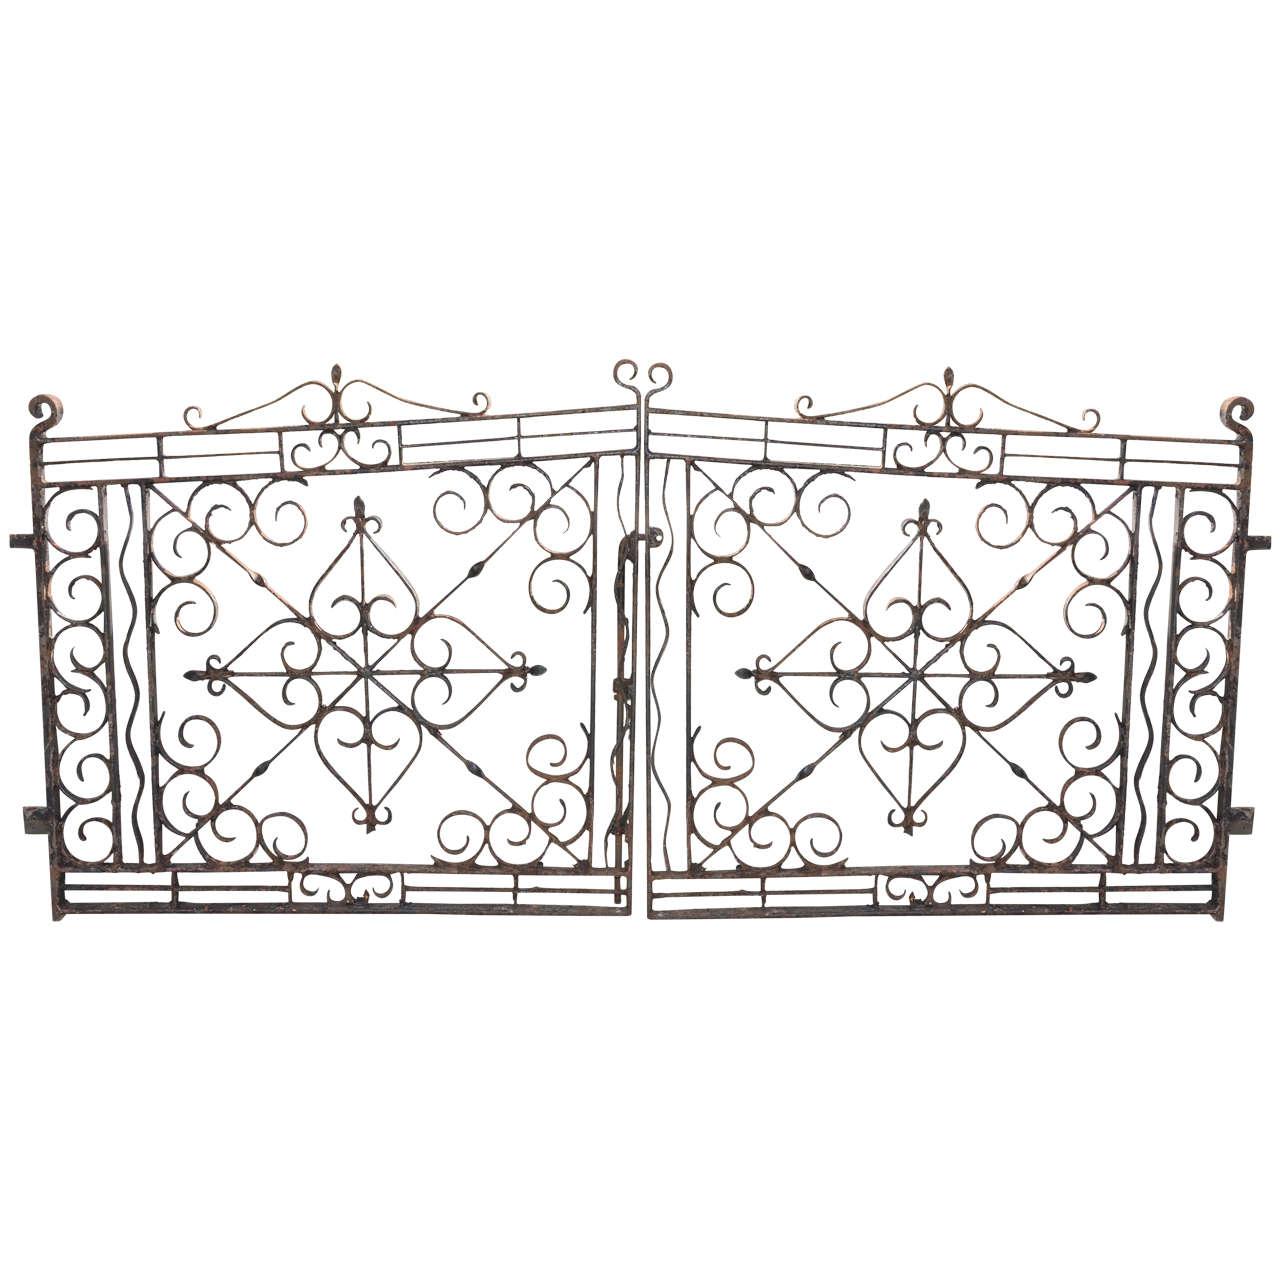 1280x1280 Pair Of English 19th Century Wrought Iron Gates Wrought Iron